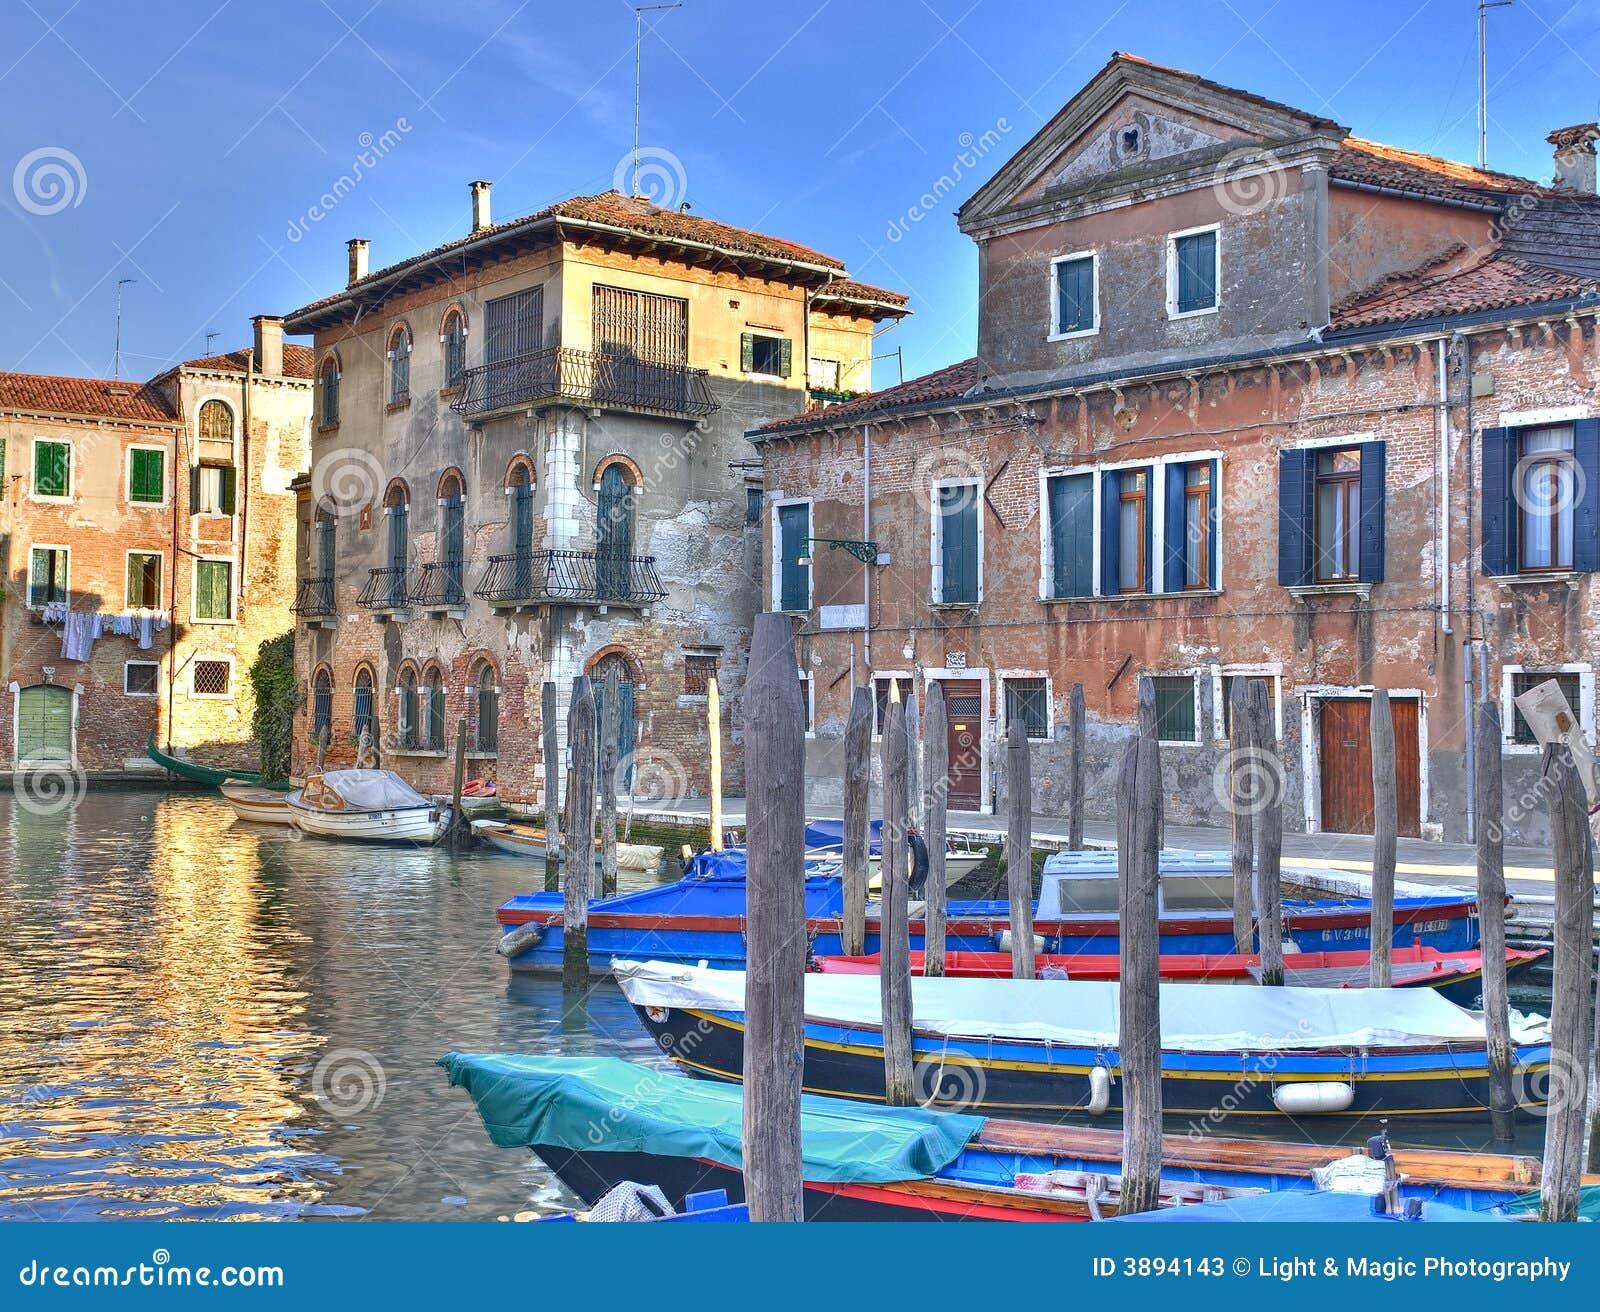 Canal de Venise avec les maisons admirablement colorées